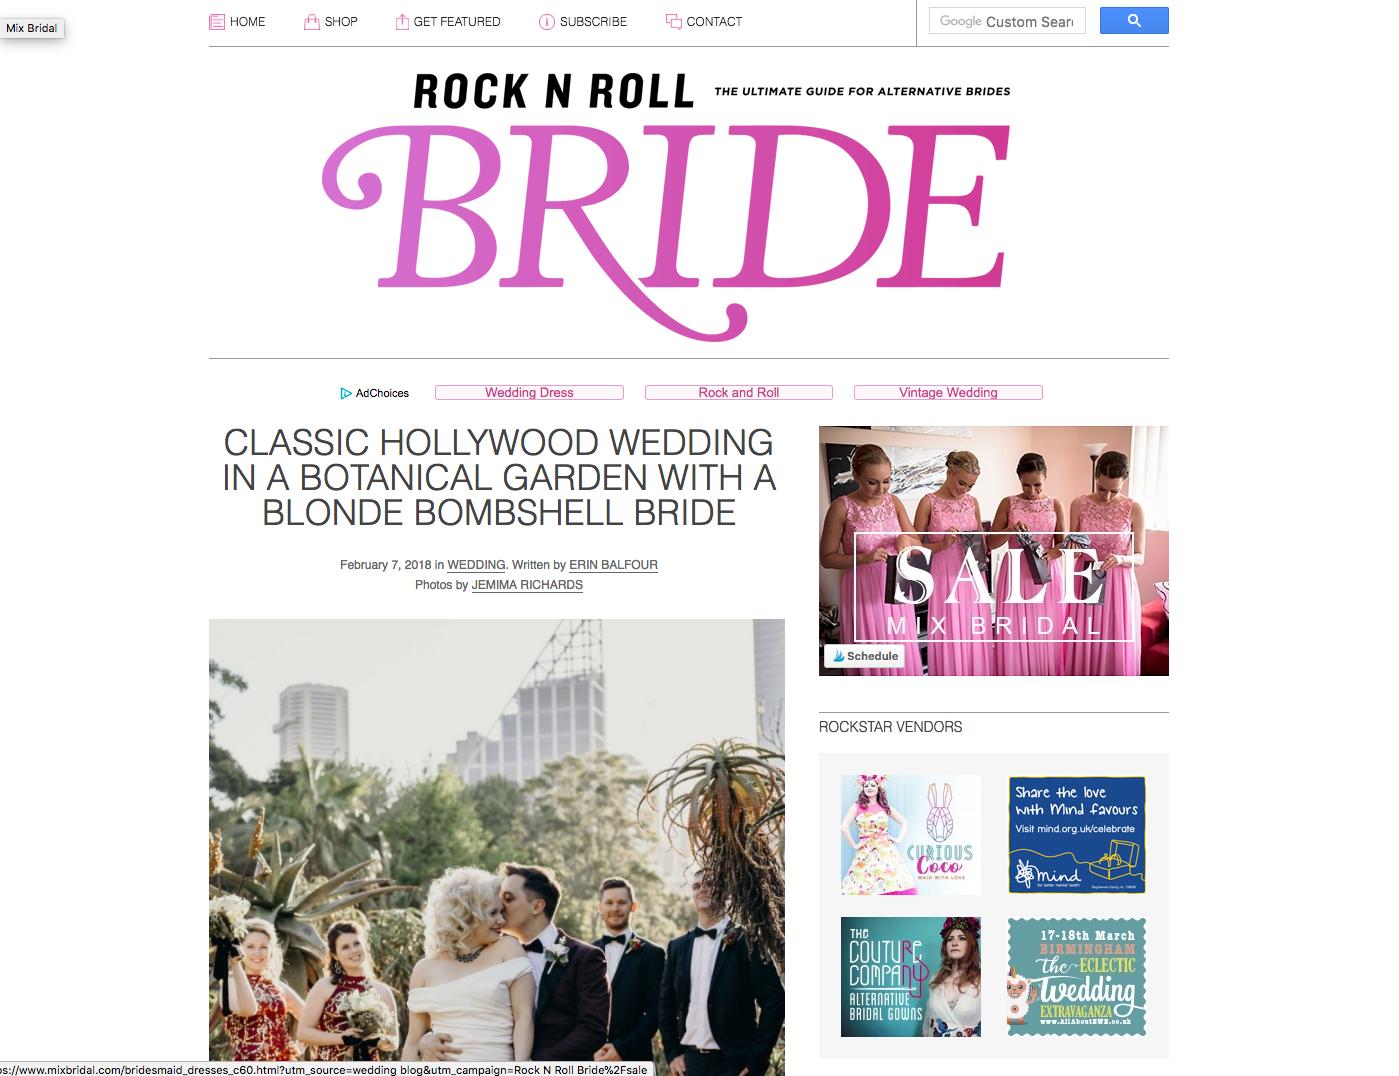 Simple website navigation on Rock N Roll Bride